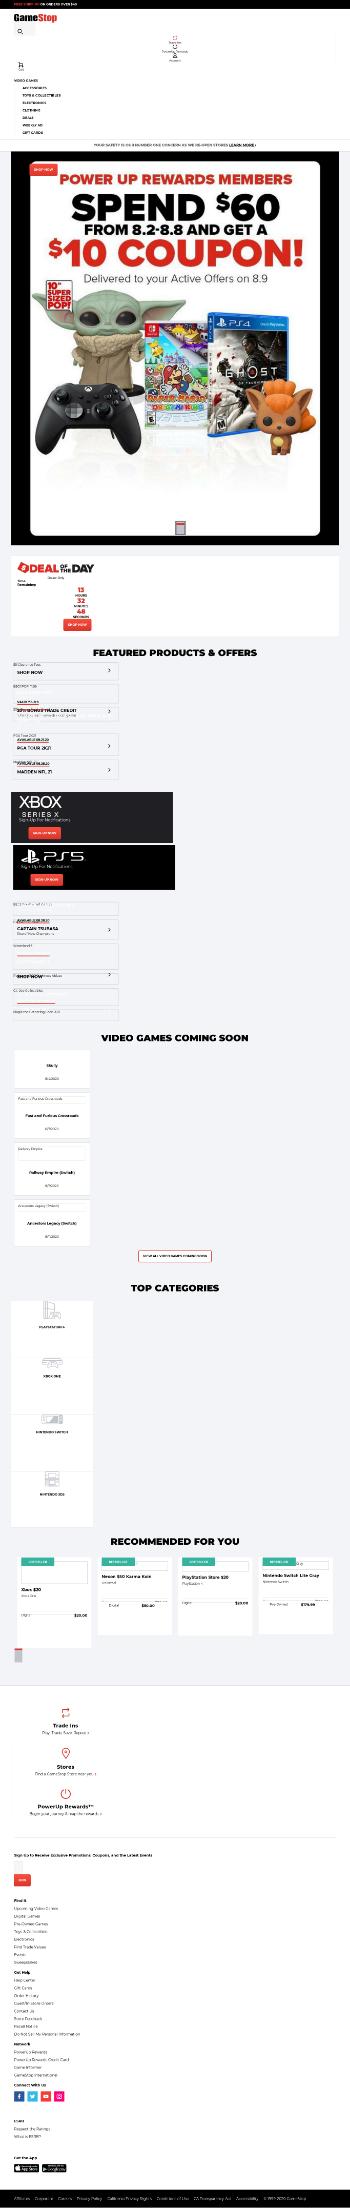 GameStop Corp. Website Screenshot